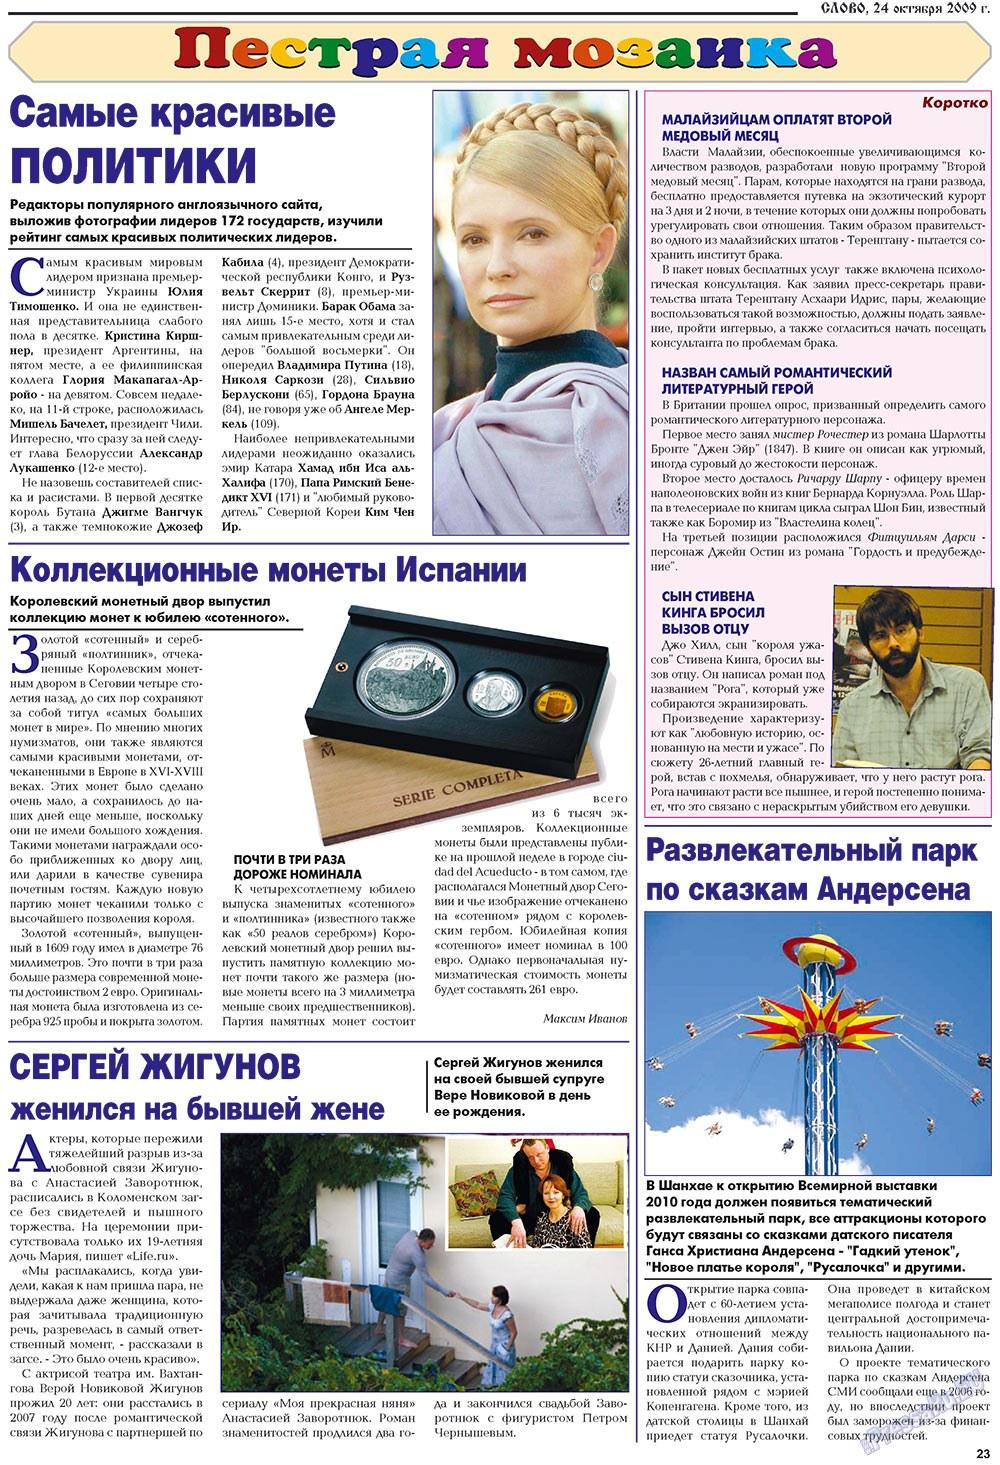 Слово (газета). 2009 год, номер 43, стр. 23